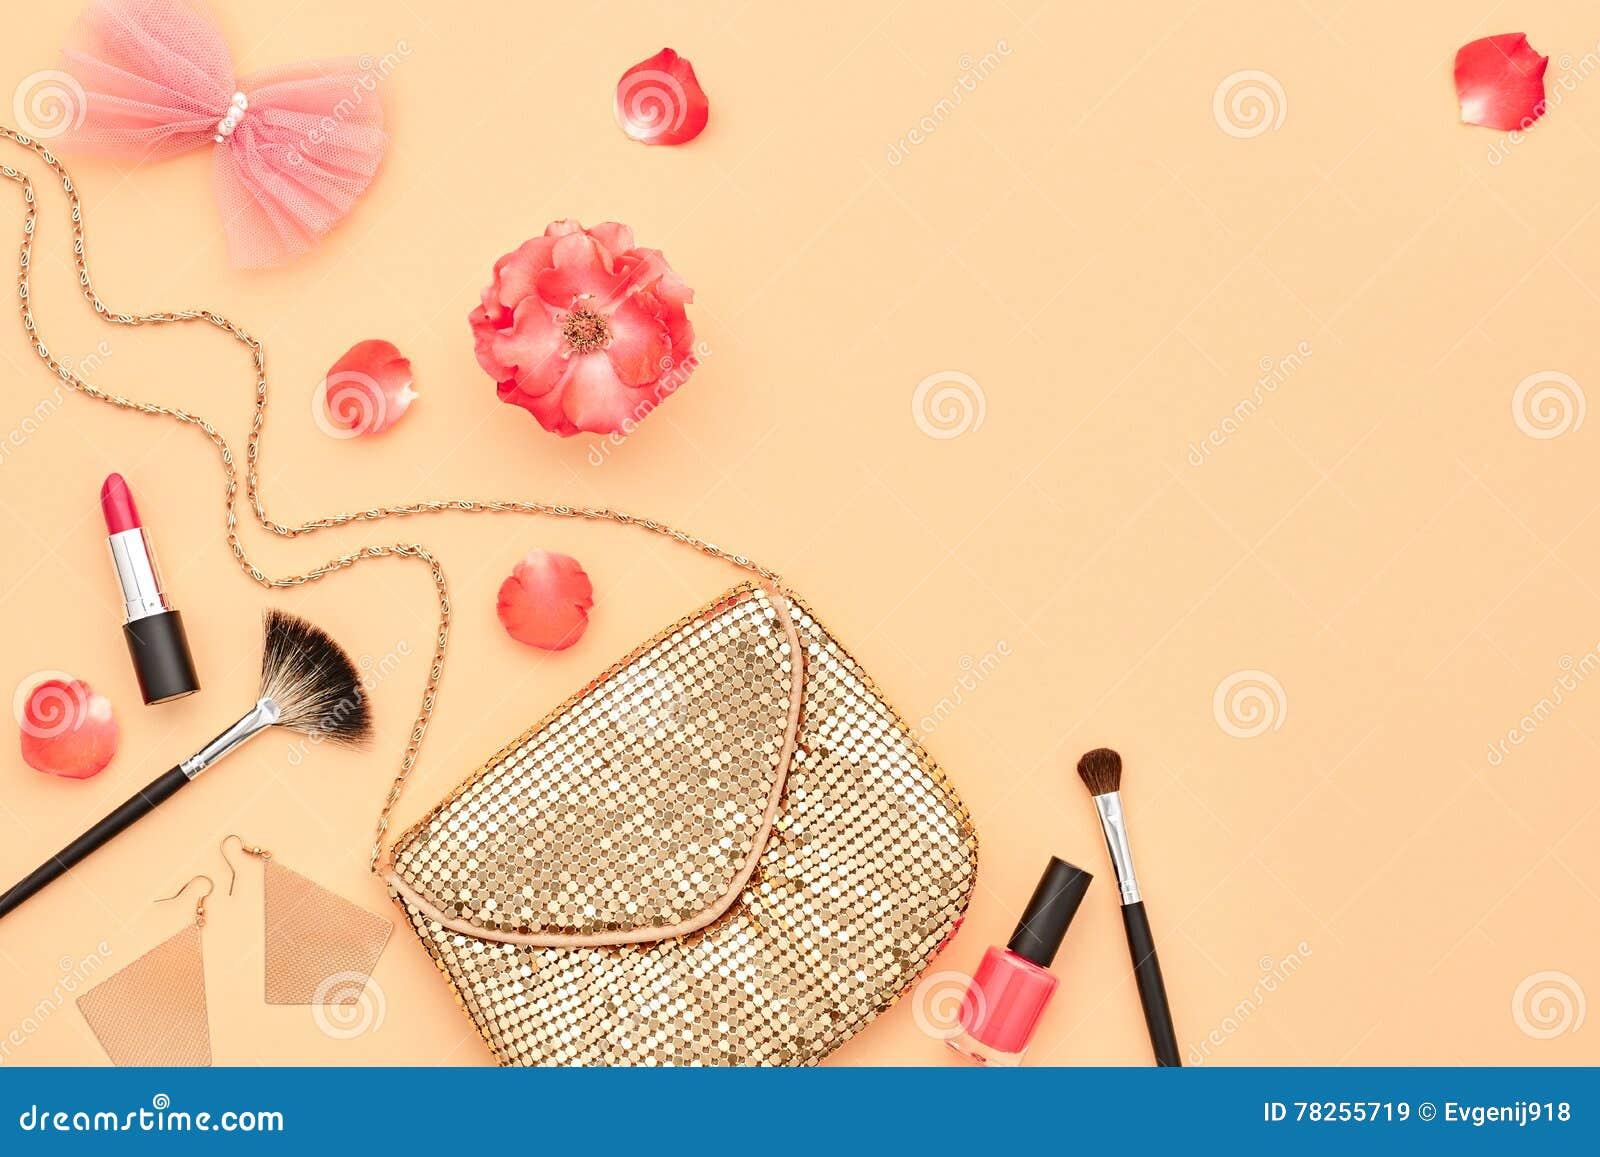 Καλλυντικά εξαρτήματα Makeup μόδας essentials